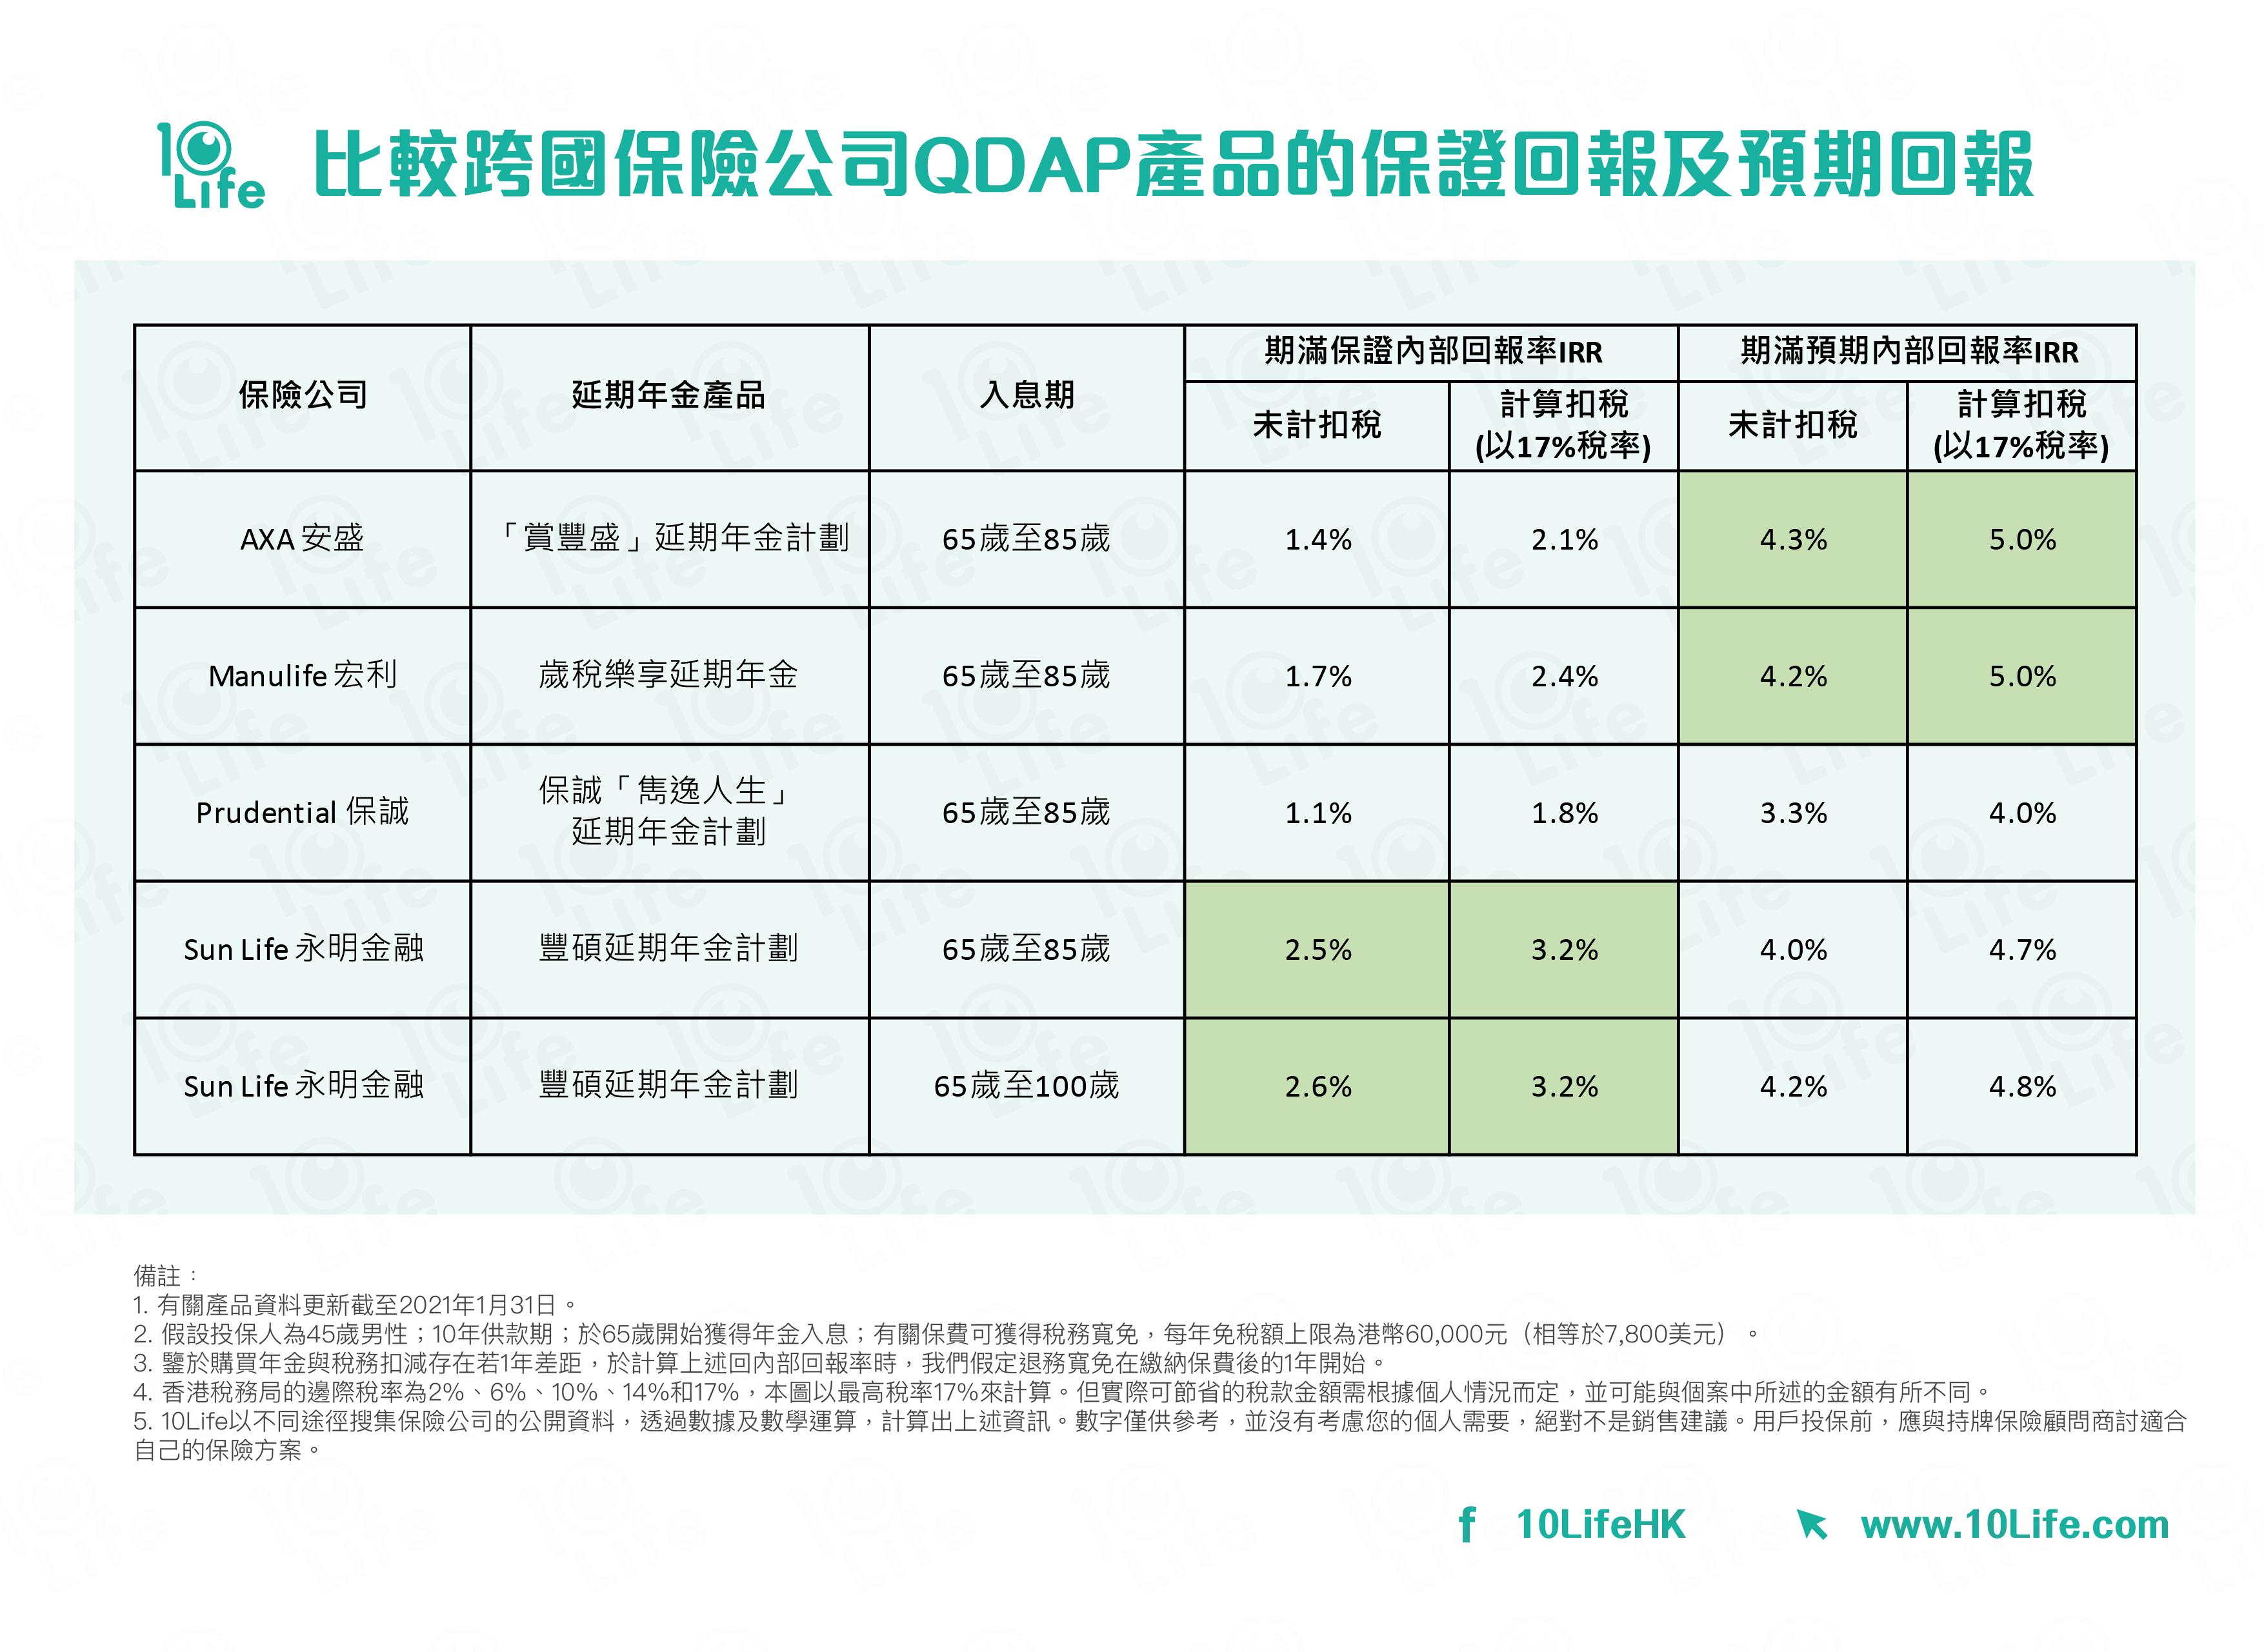 比較跨國保險公司QDAP產品的保證回報及預期回報:AXA 安盛; Manulife 宏利; Prudential 保誠;  Sun Life 永明金融